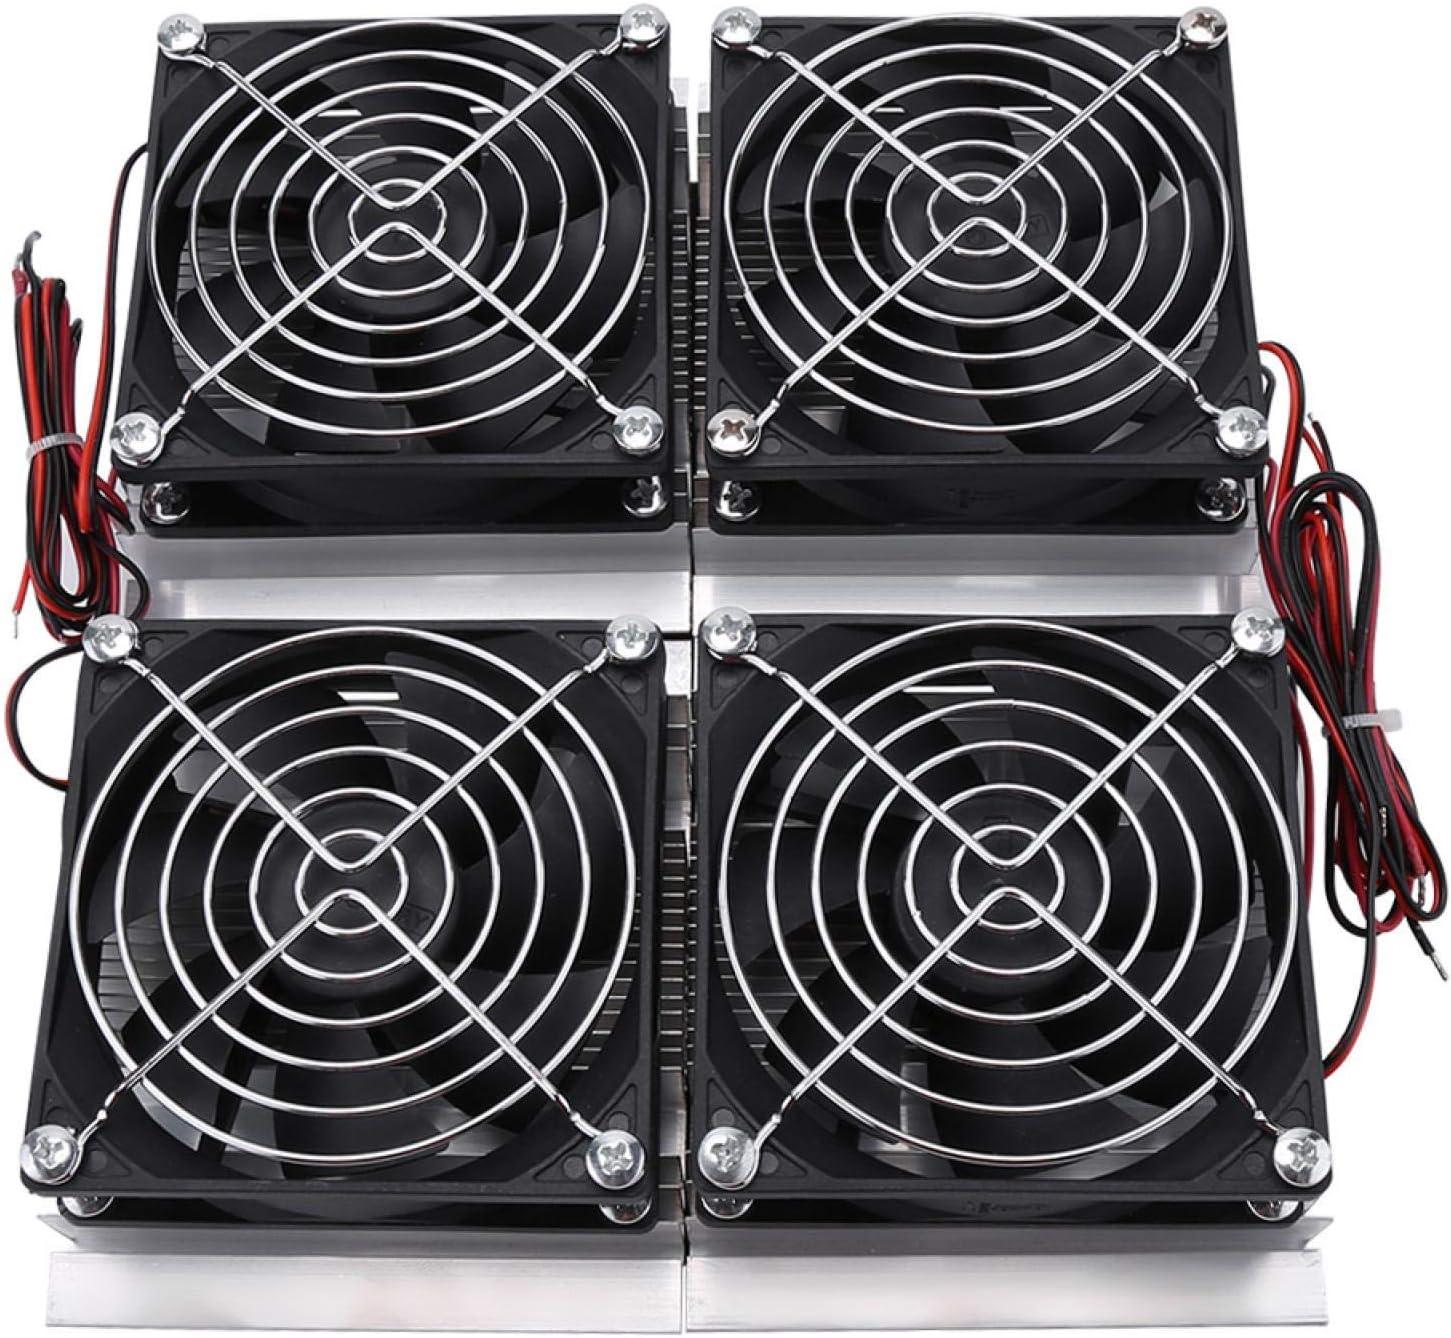 Kuuleyn Sistema de enfriamiento de semiconductores, Placa de refrigeración de semiconductores de 240 W, Enfriador de frío termoeléctrico Peltier con Ventilador, Mini Aire Acondicionado, refrigerador